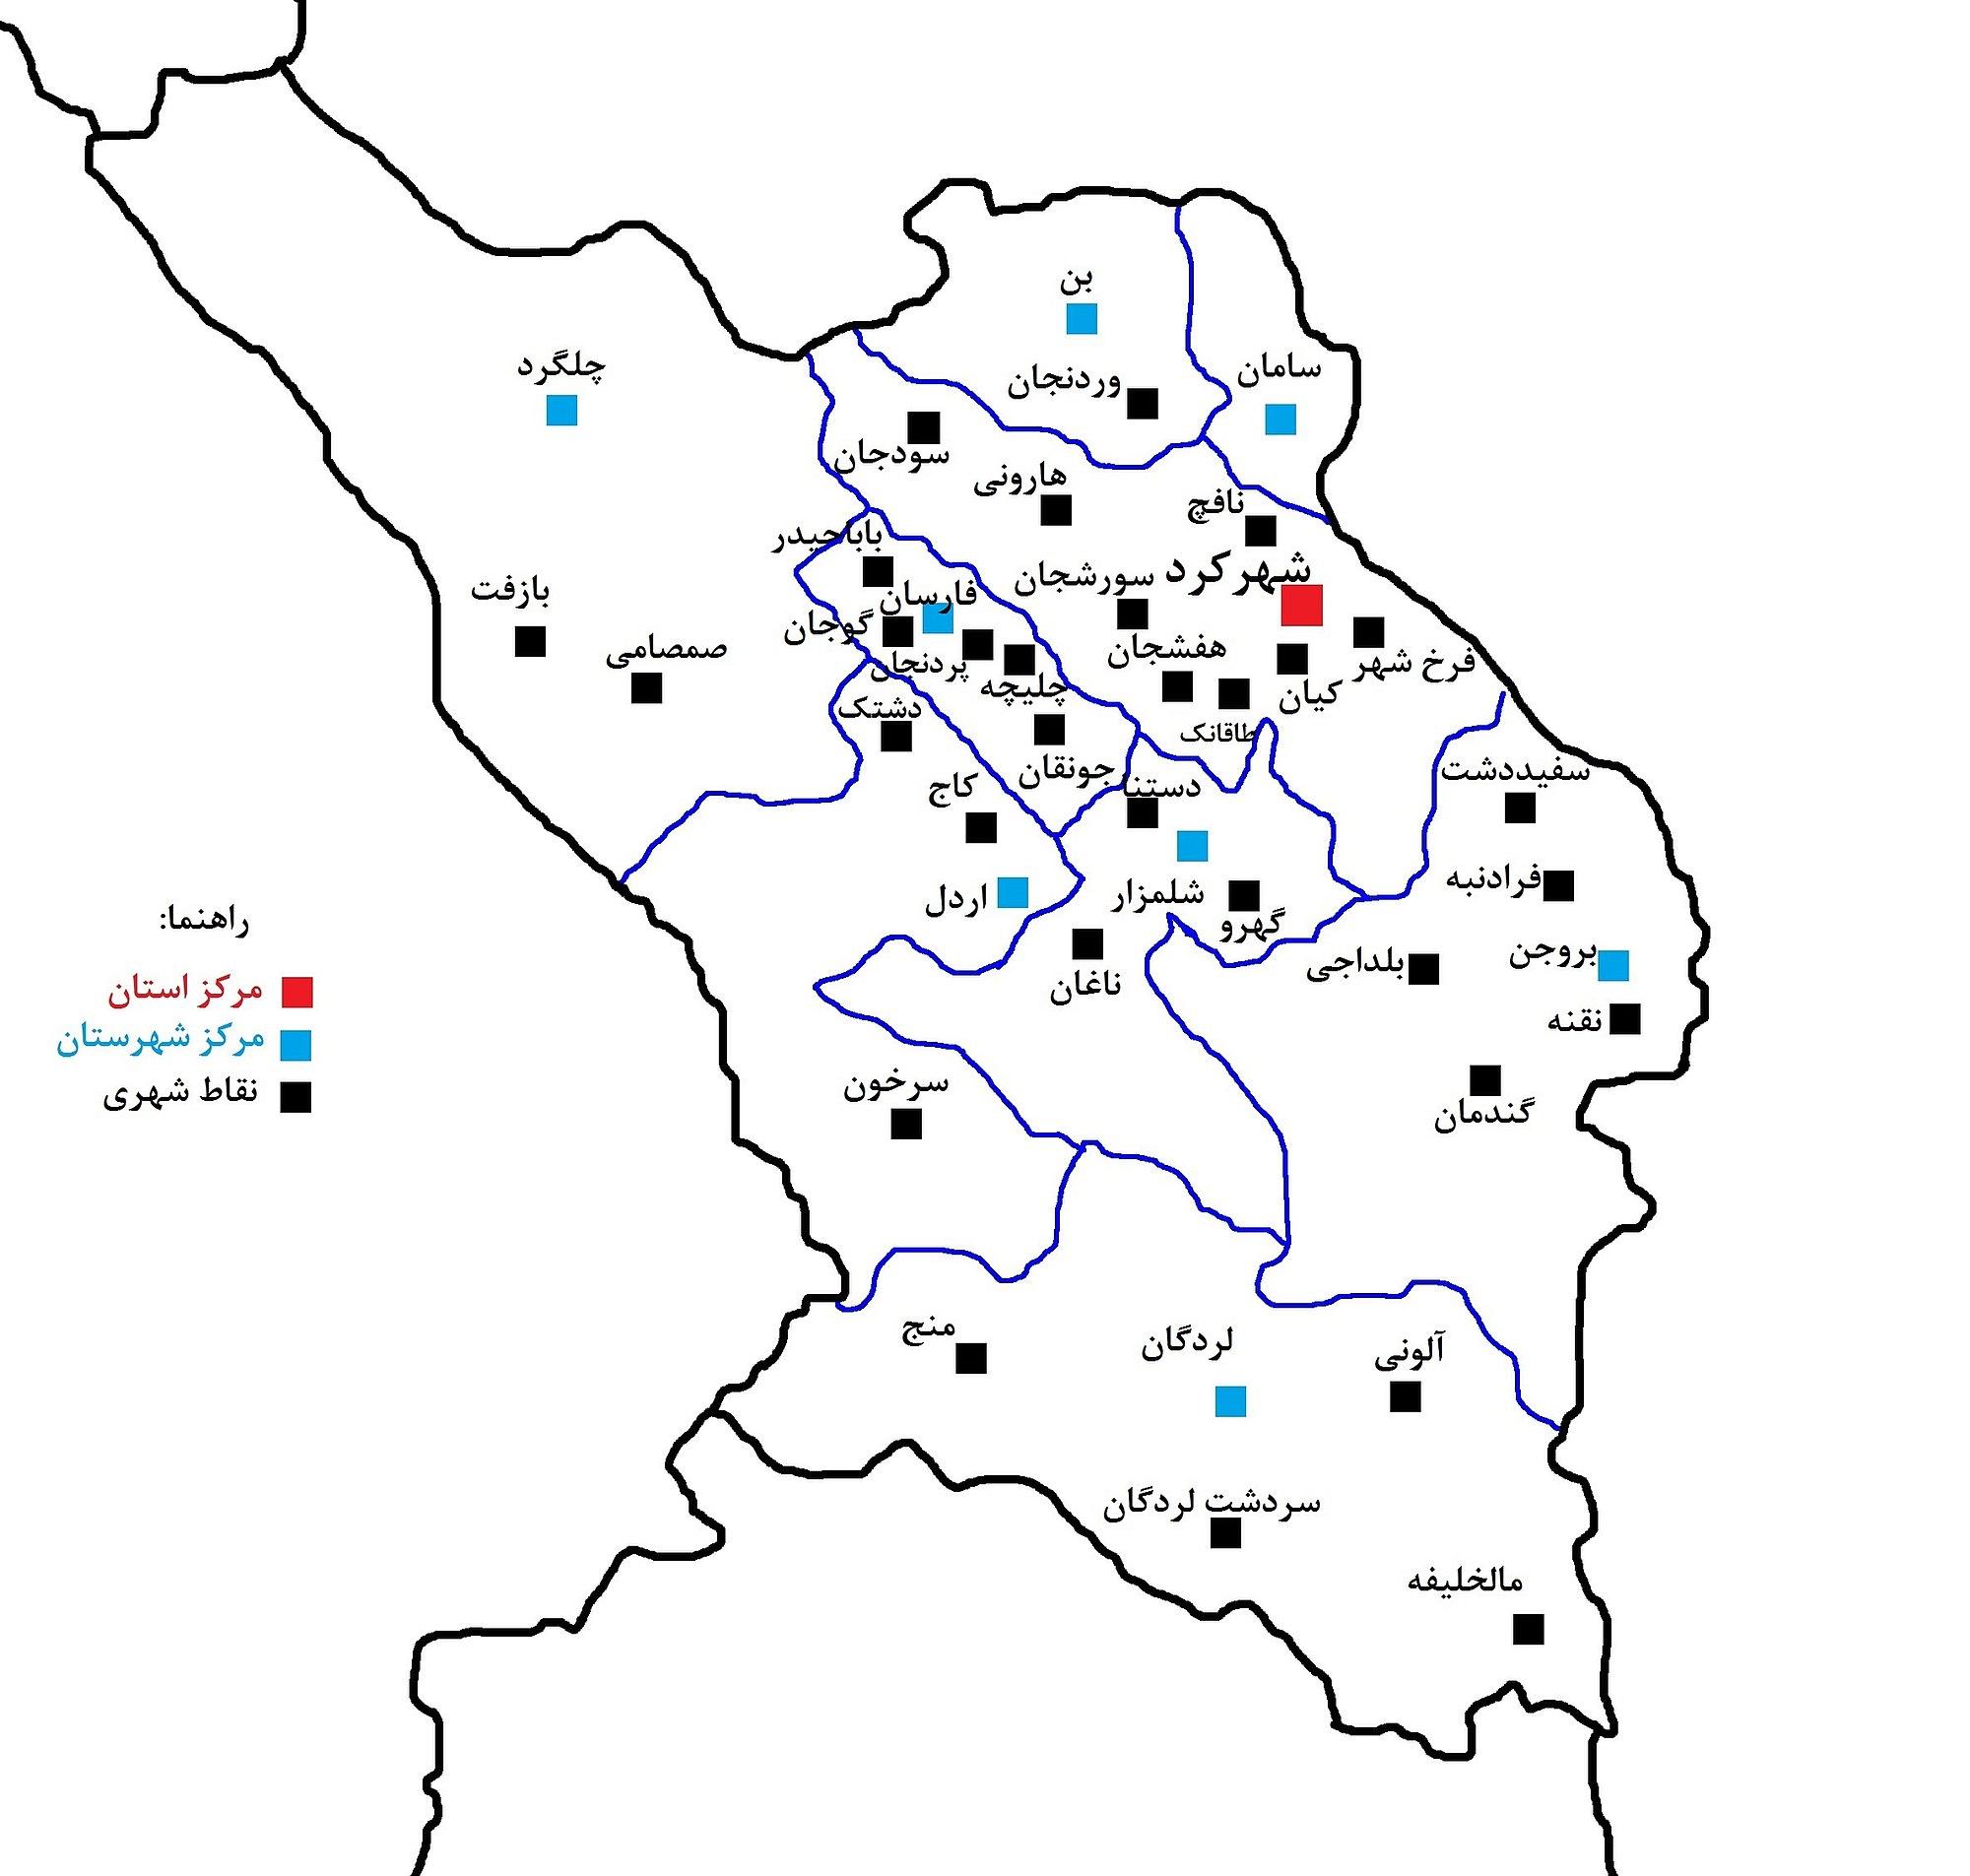 فهرست شهرهای استان چهارمحال و بختیاری